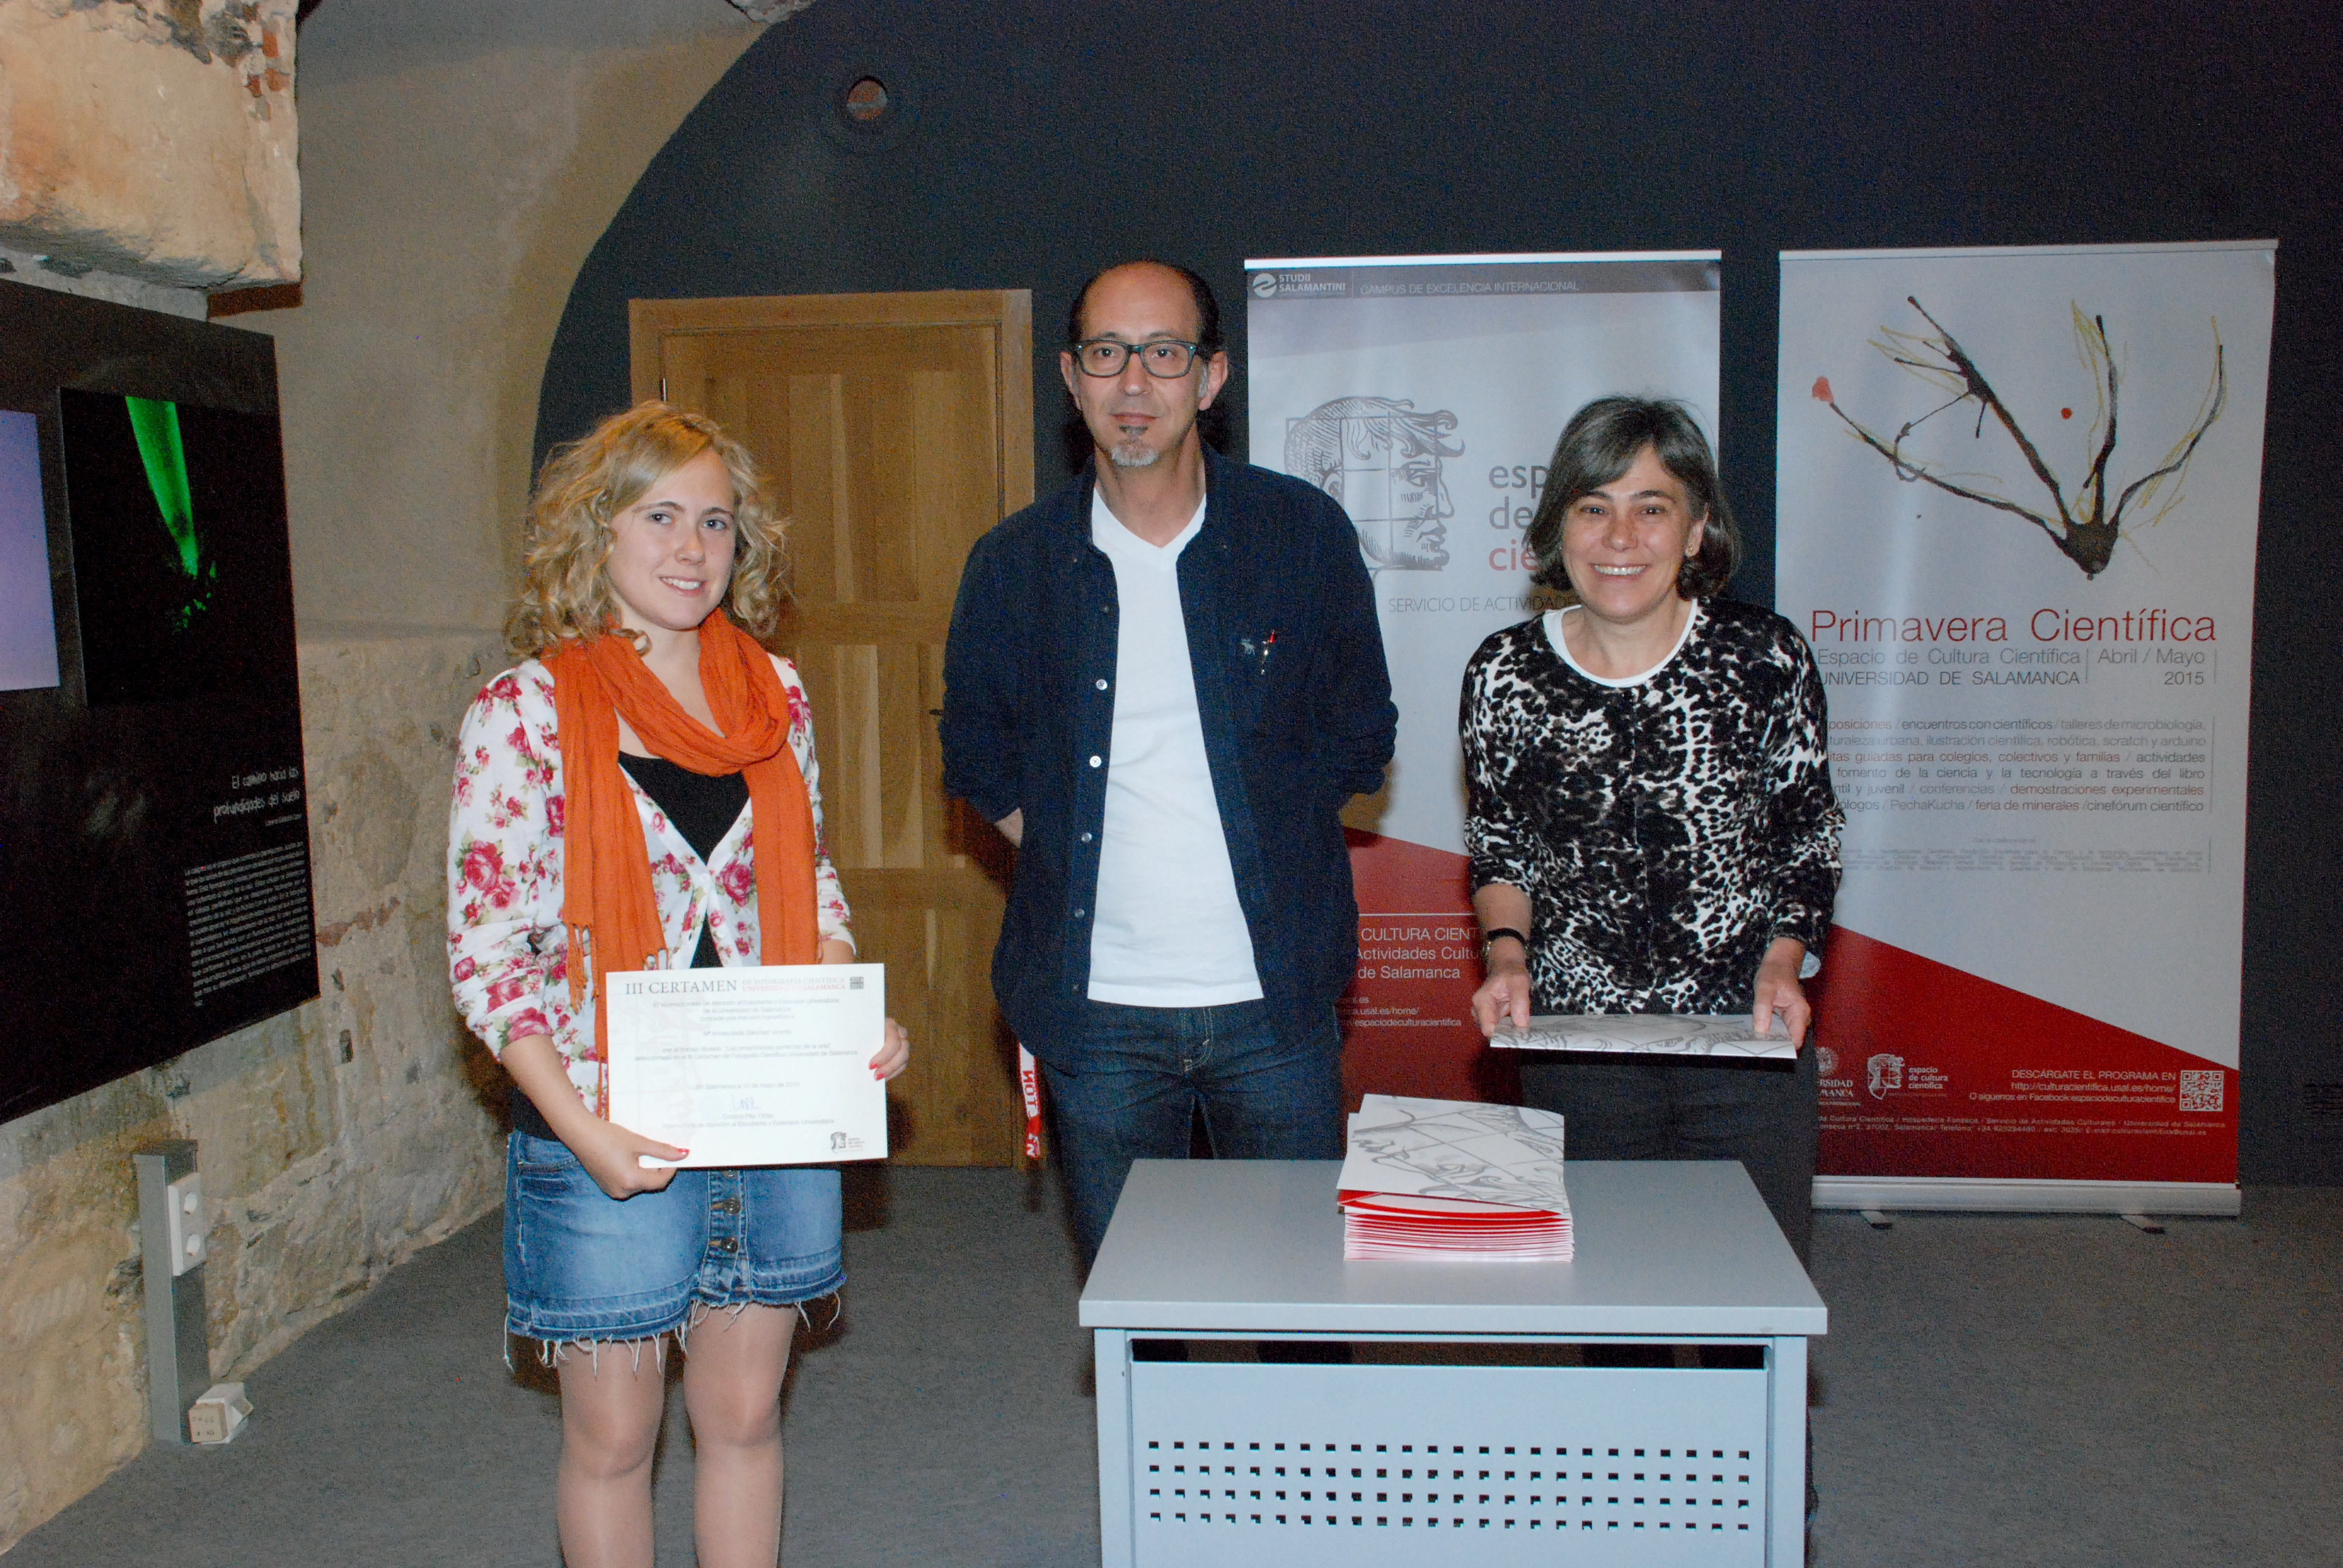 Alexandra Díez, Mª Inmaculada Sánchez y José David Flores, galardonados con los primeros premios en el III Certamen de Fotografía Científica